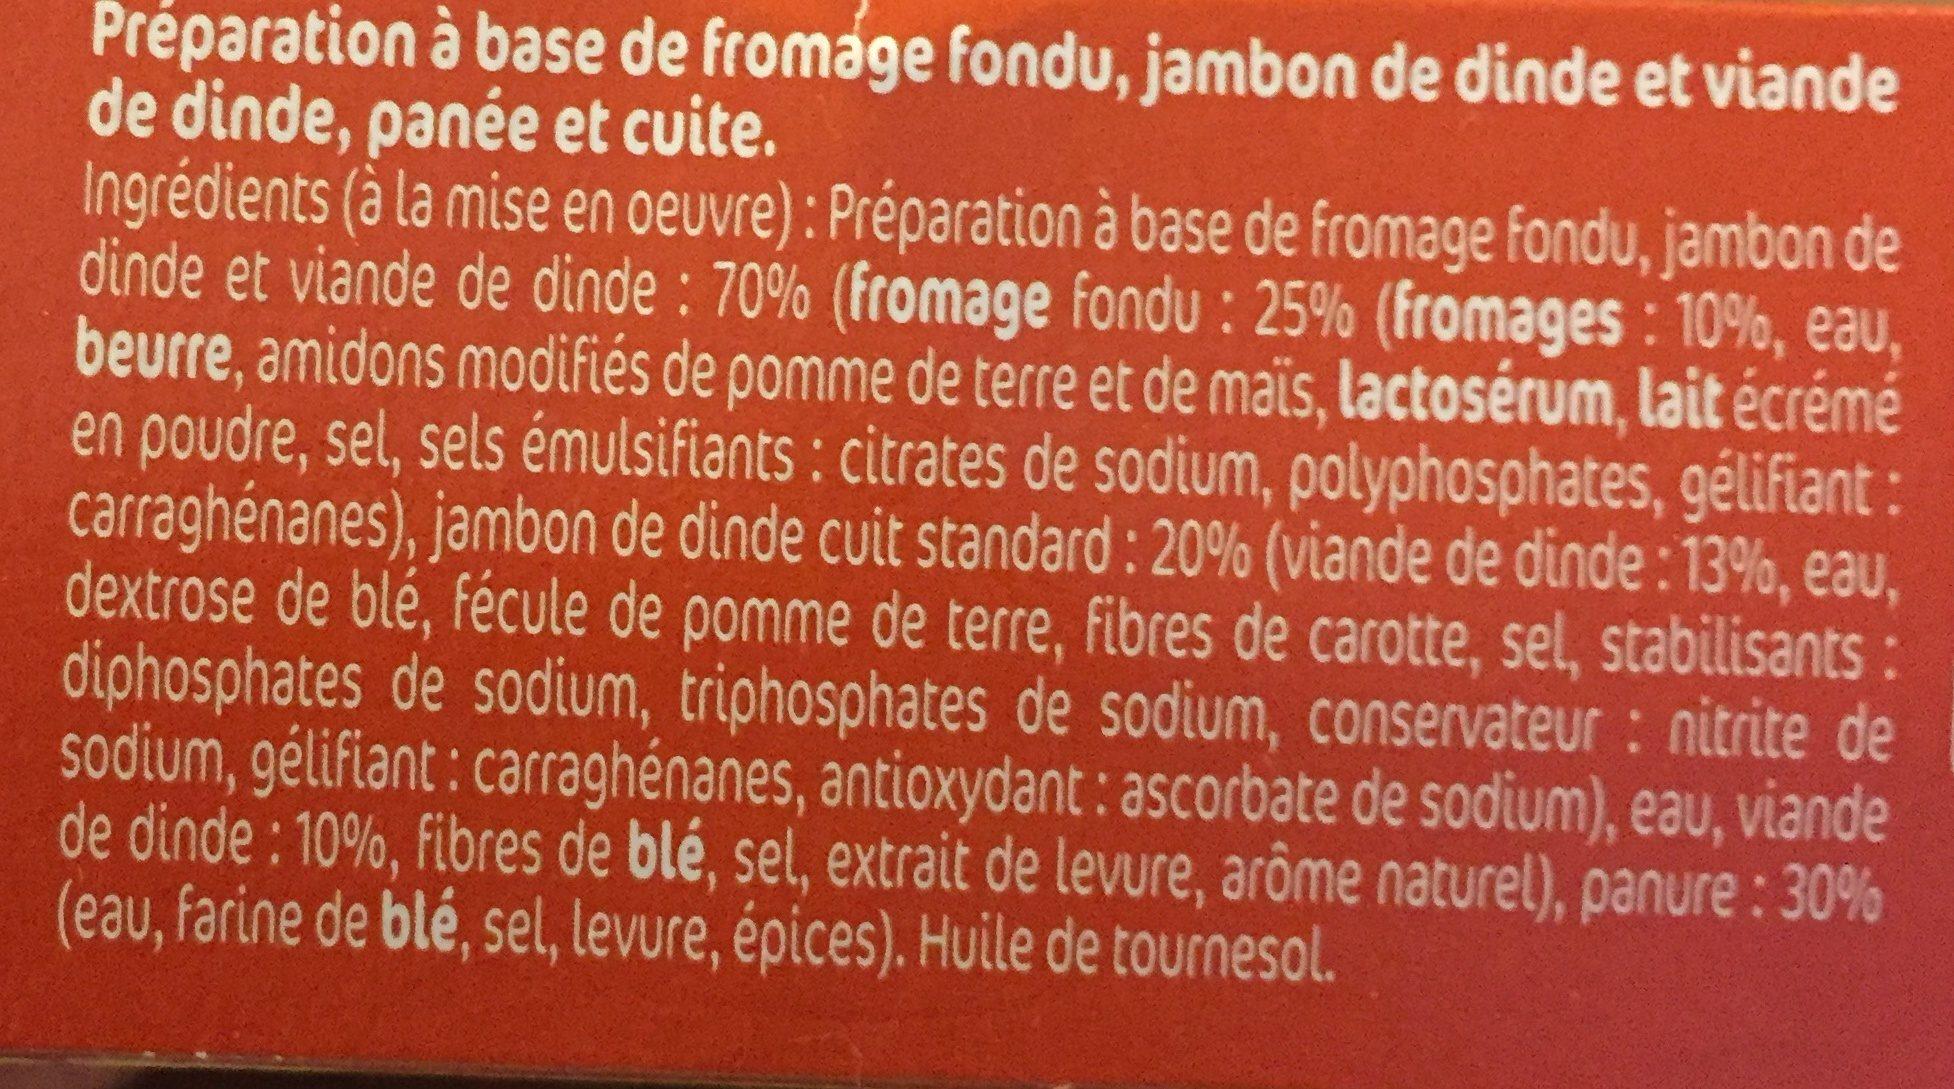 Nuggets Jambon de dinde fromage x10 - Ingrédients